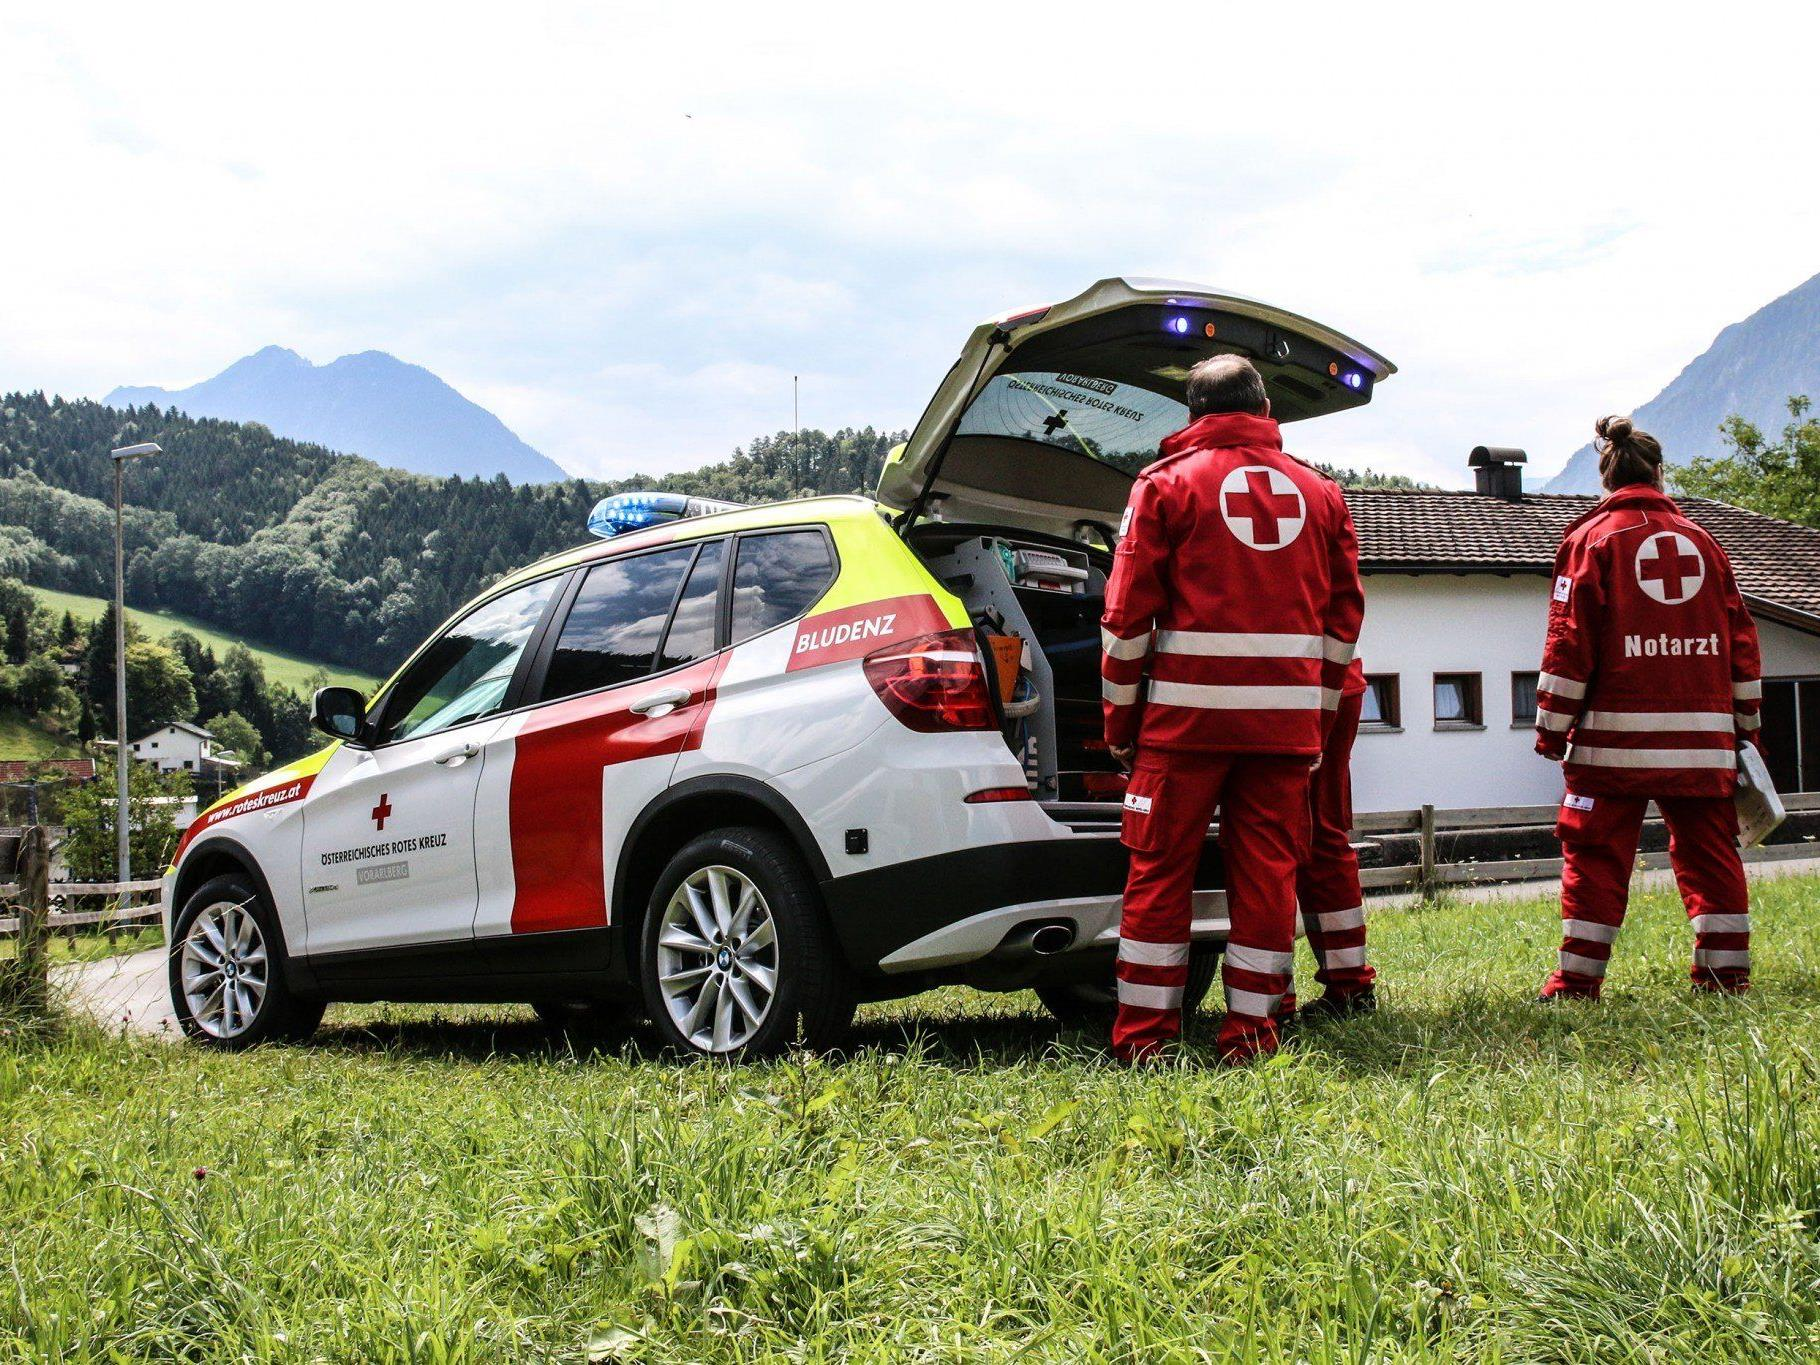 Das neue Notarzteinsatzfahrzeug in Bludenz: rasch und flexibel am Einsatzort!